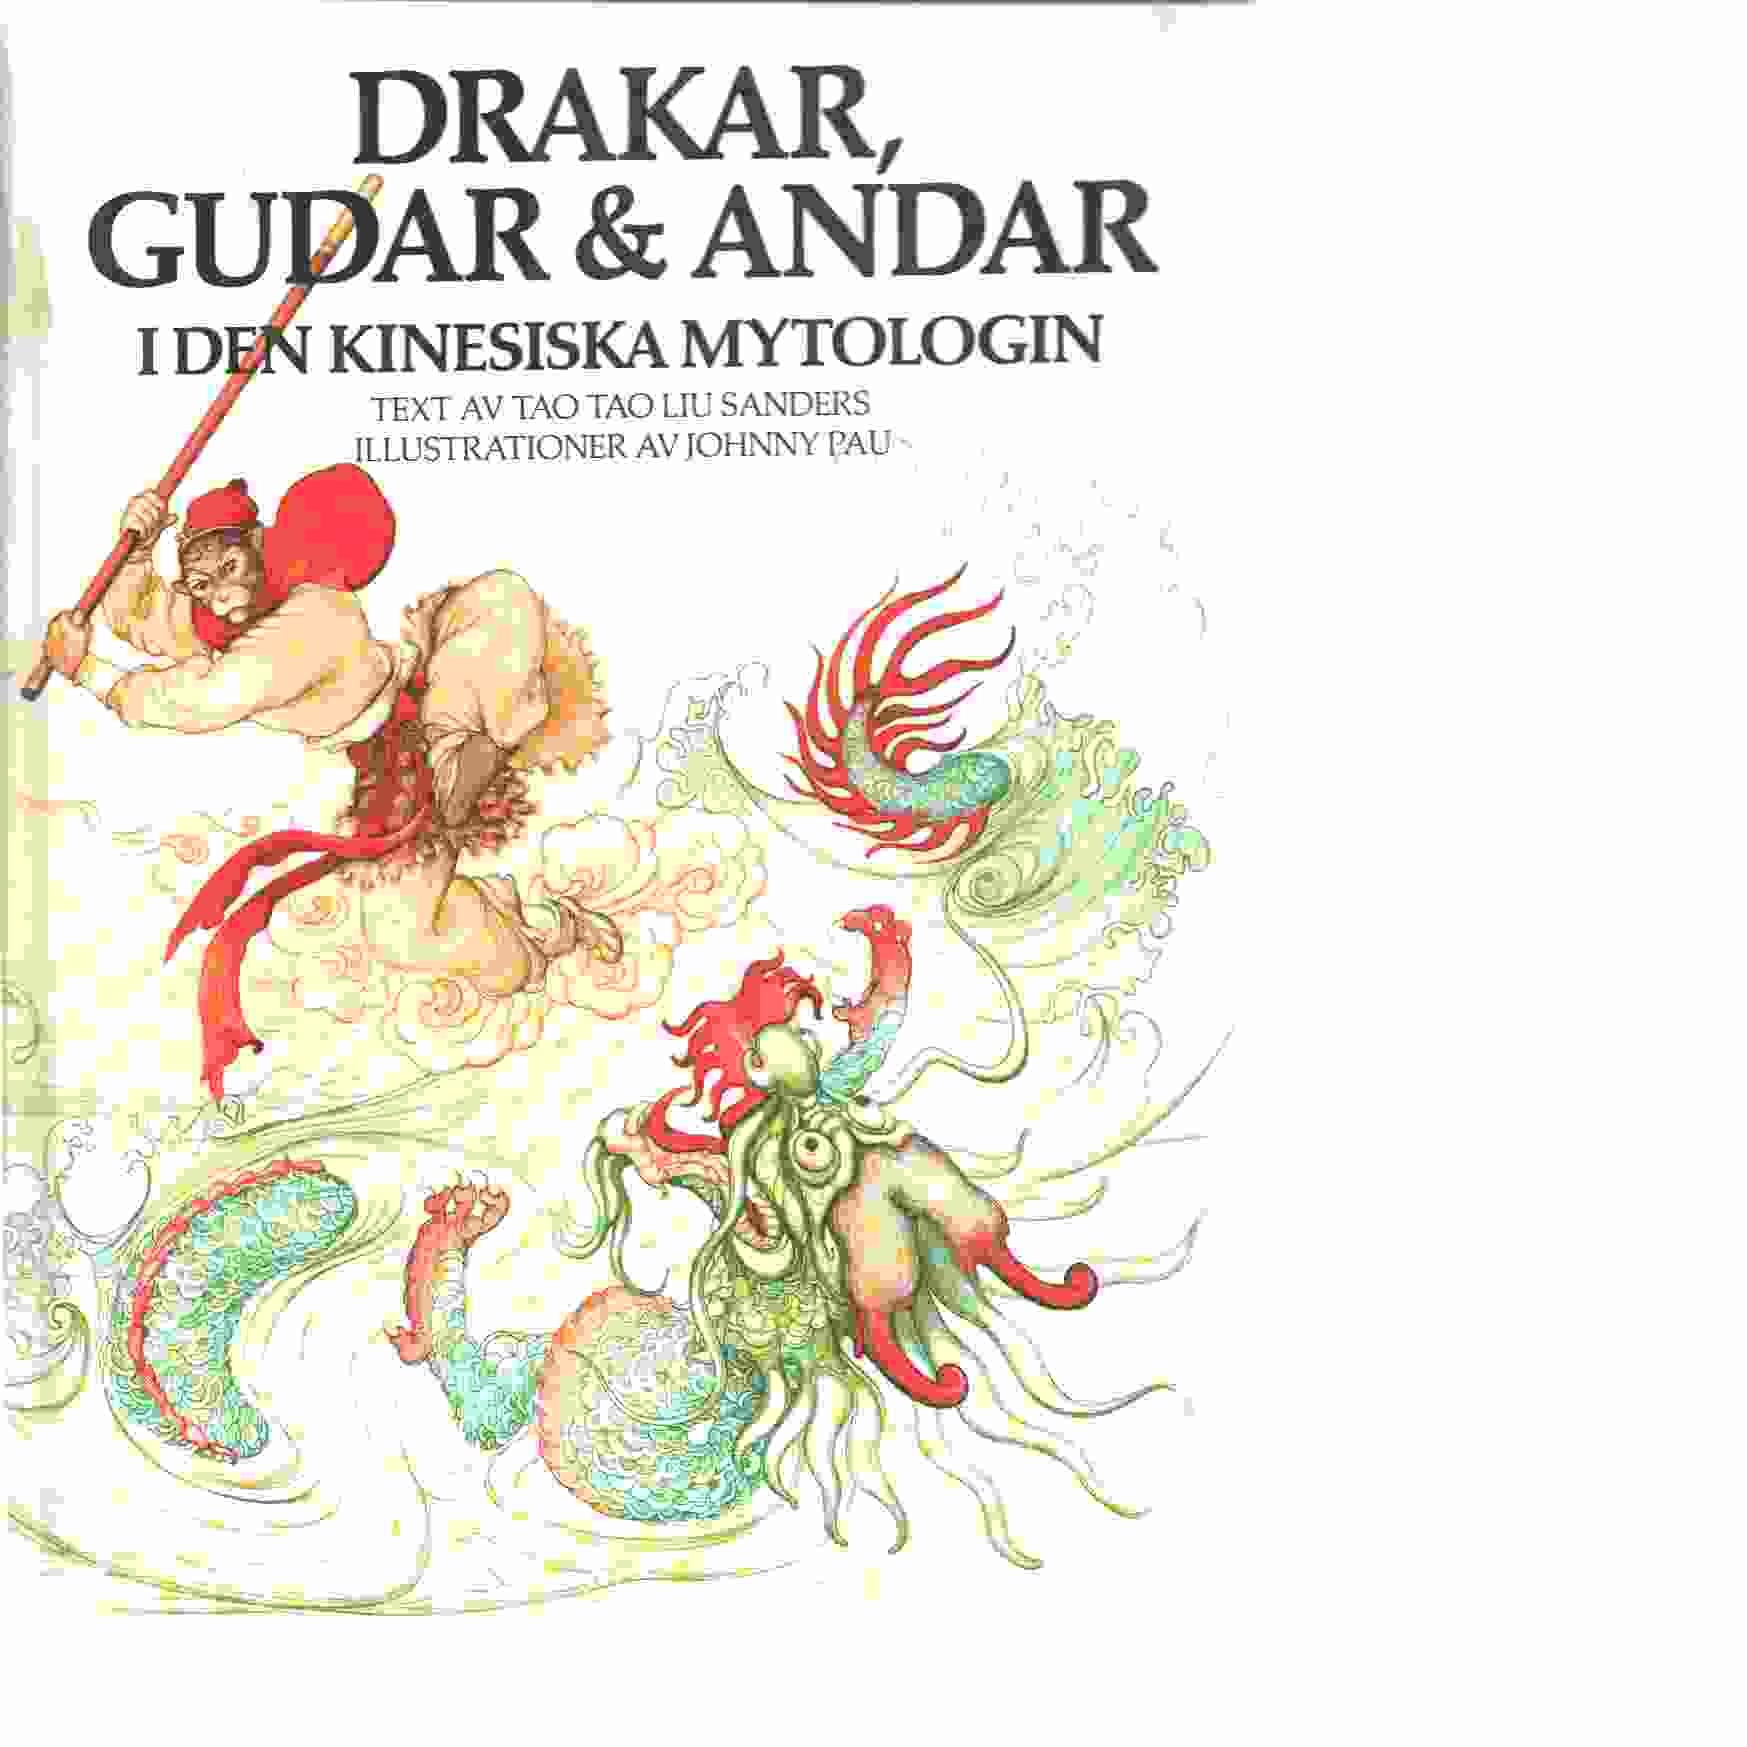 Drakar, gudar & andar i den kinesiska mytologin - Sanders, Tao Tao Liu